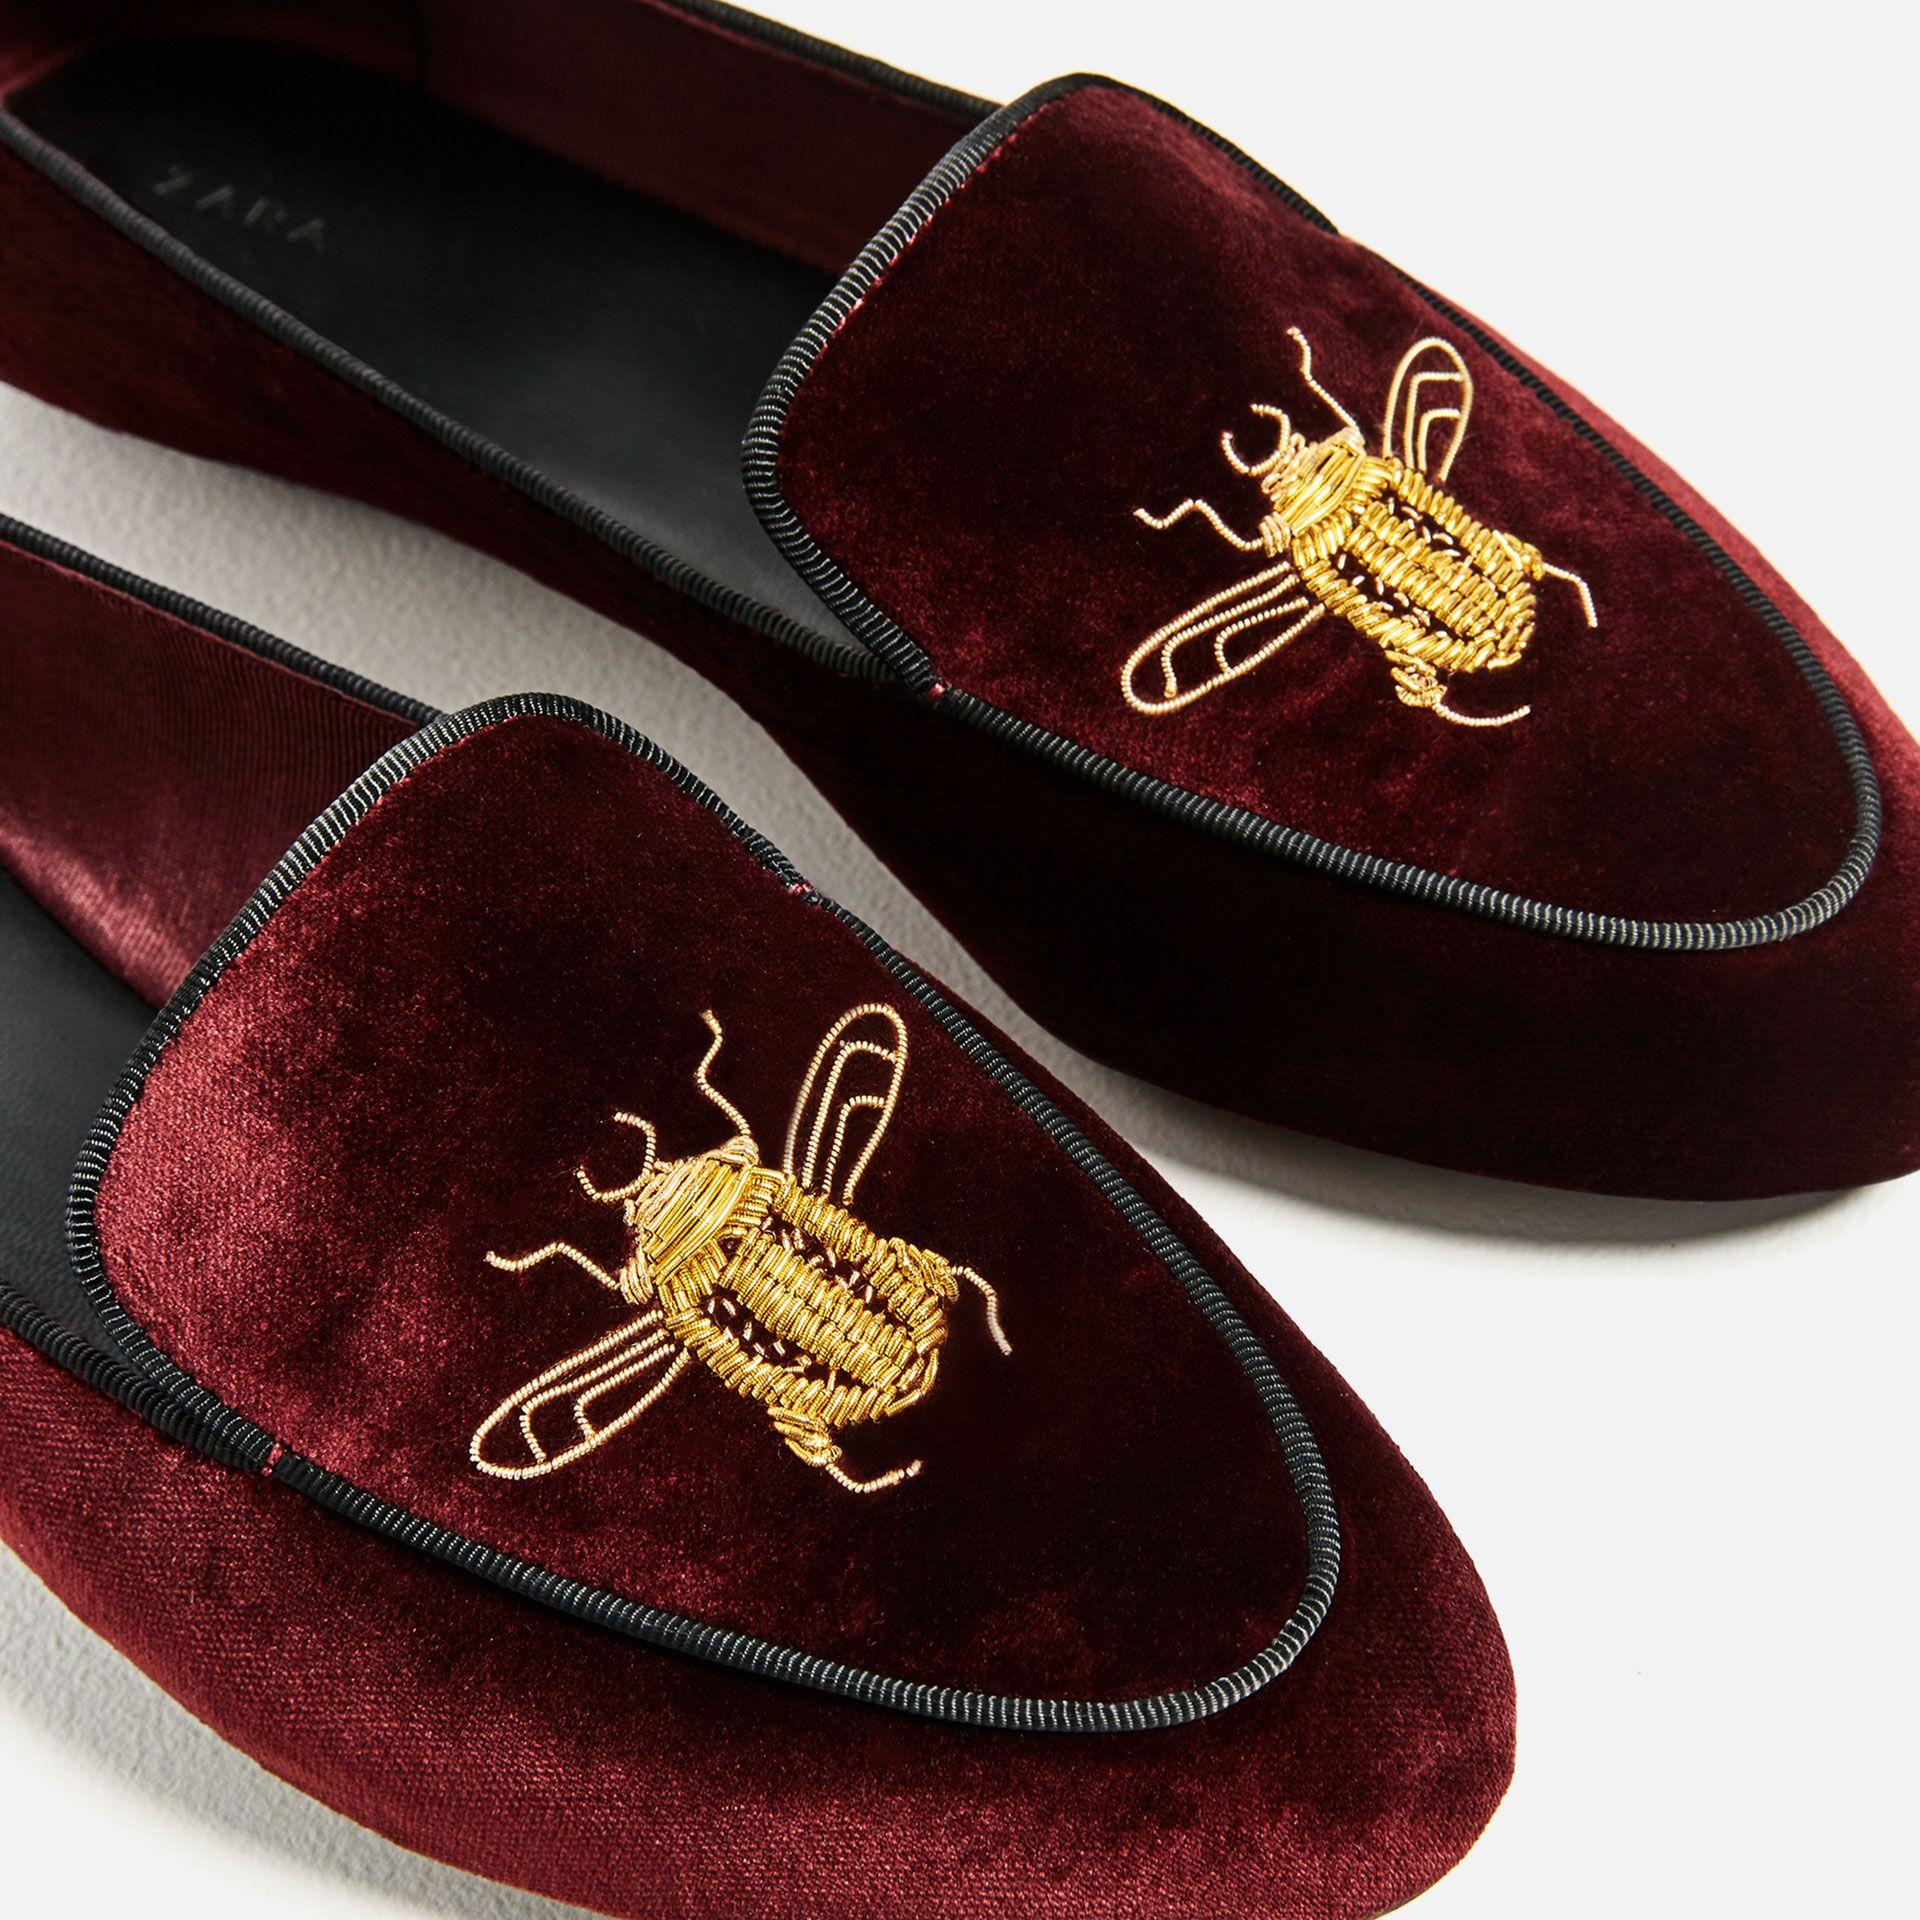 Aksamitne Buty Na Plaskiej Podeszwie Z Ozdobnym Haftem Zobacz Wiecej Buty Kobieta Zara Polska Velvet Shoes Embroidered Shoes Velvet Loafers